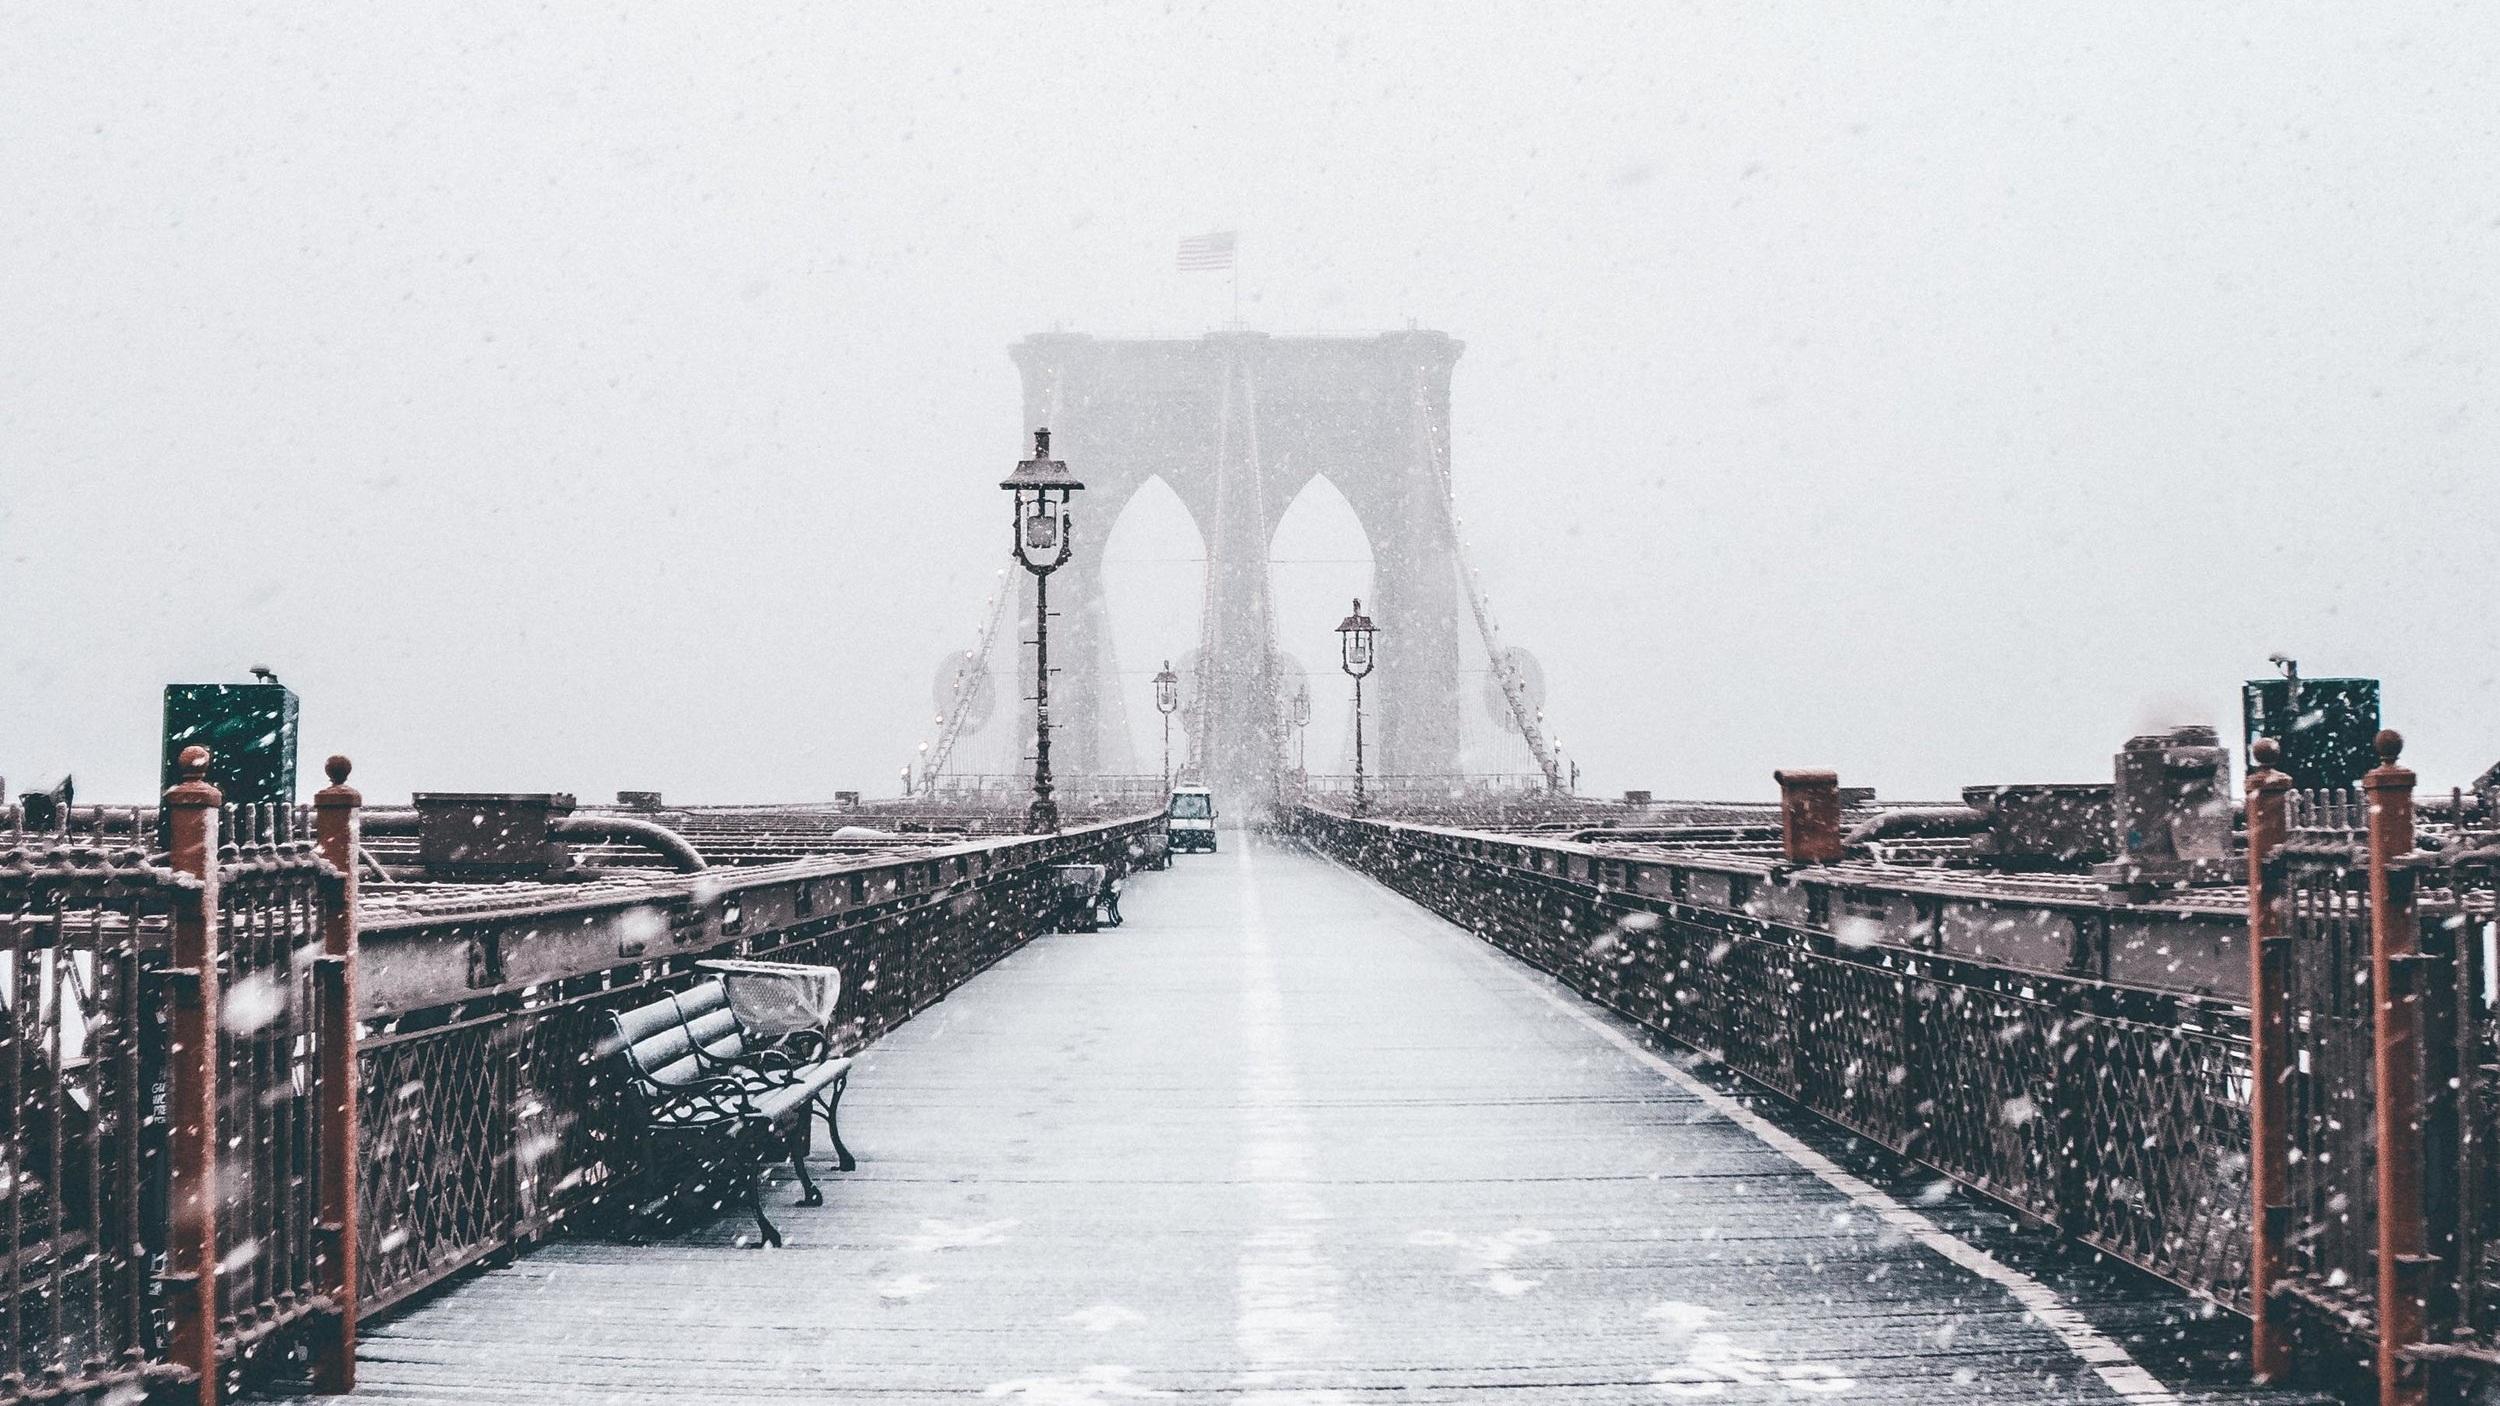 Brooklyn Bridge Världens största hängbro - Brooklyn Bridge är världens största och New Yorks äldsta hängbro. Den sträcker sig över Från Manhattan till Brooklyn över East River och är vacker så väl i dags- som kvällsljus. Vi rekommenderar en promenad över bron där du får en makalös vy över Manhattans skyskrapor.